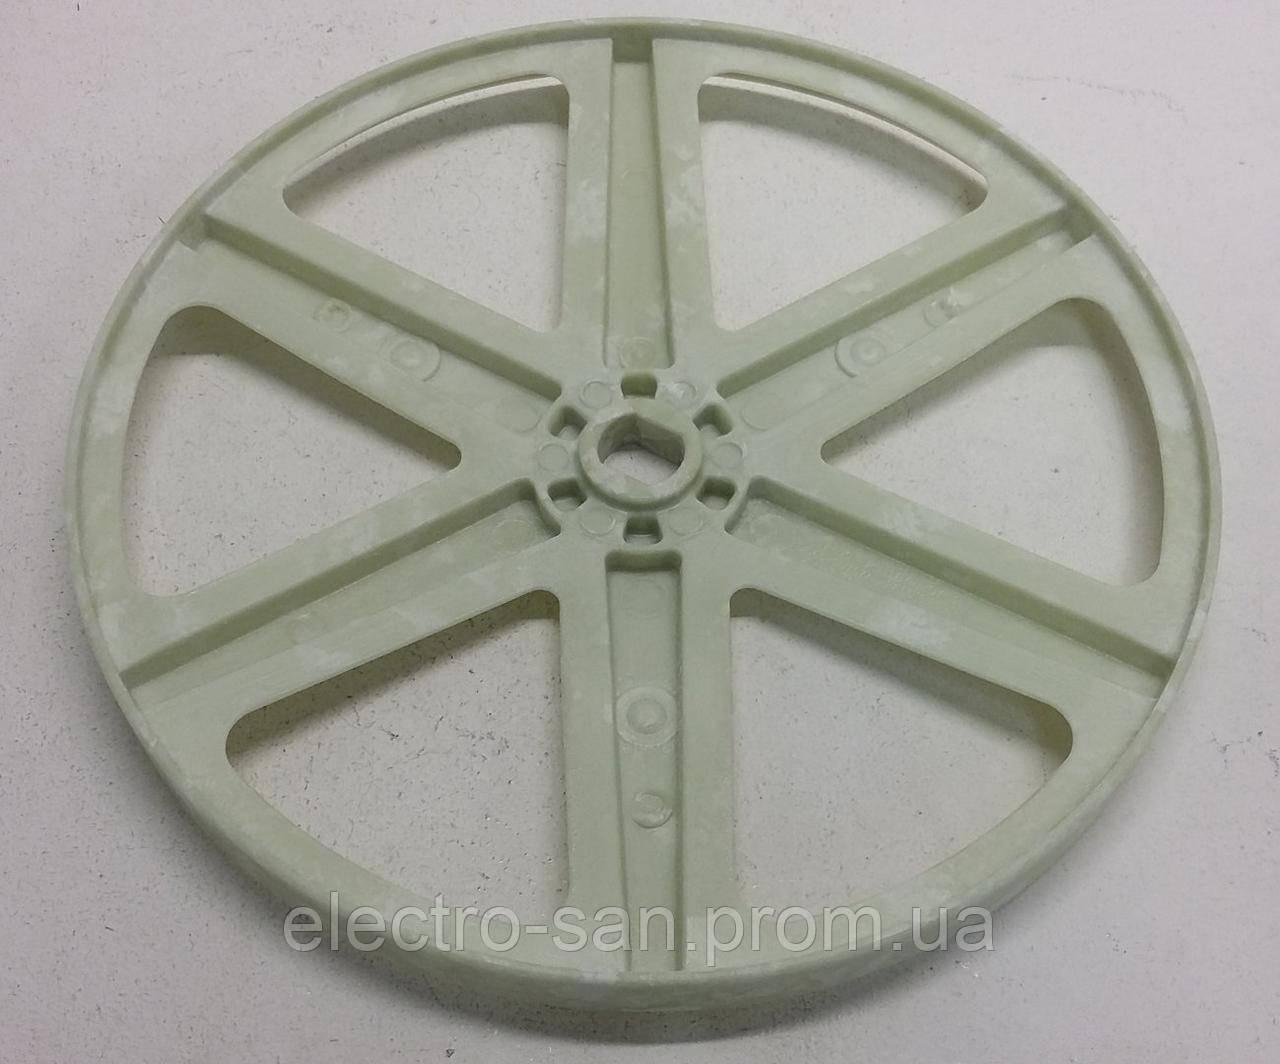 Шкив для стиральной машины Samsung DC66 00767A   ElectroSan в Житомире